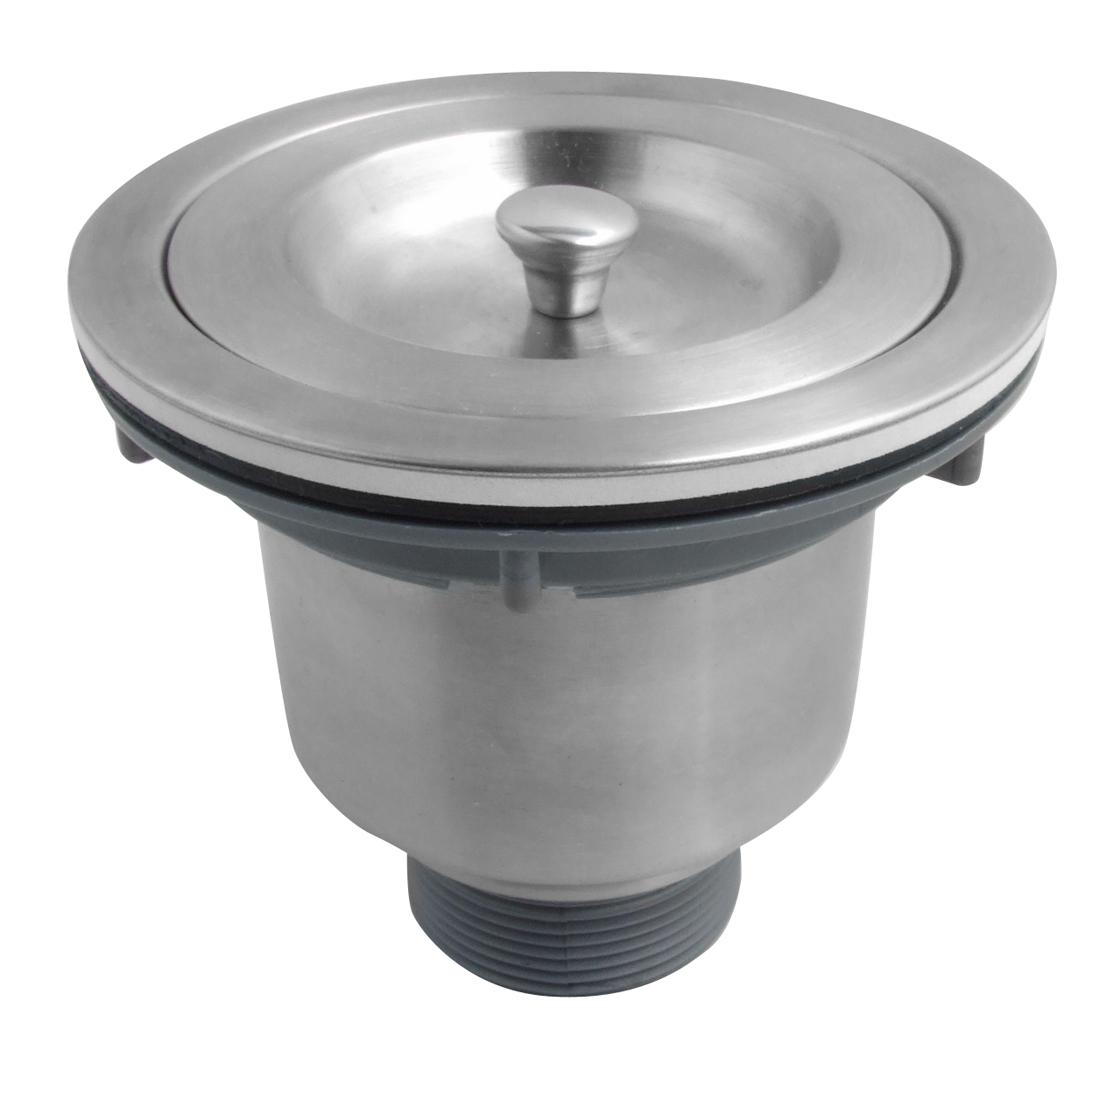 """110mm 4.3"""" Kitchen Bathroom Sink Basket Strainer w Cover"""